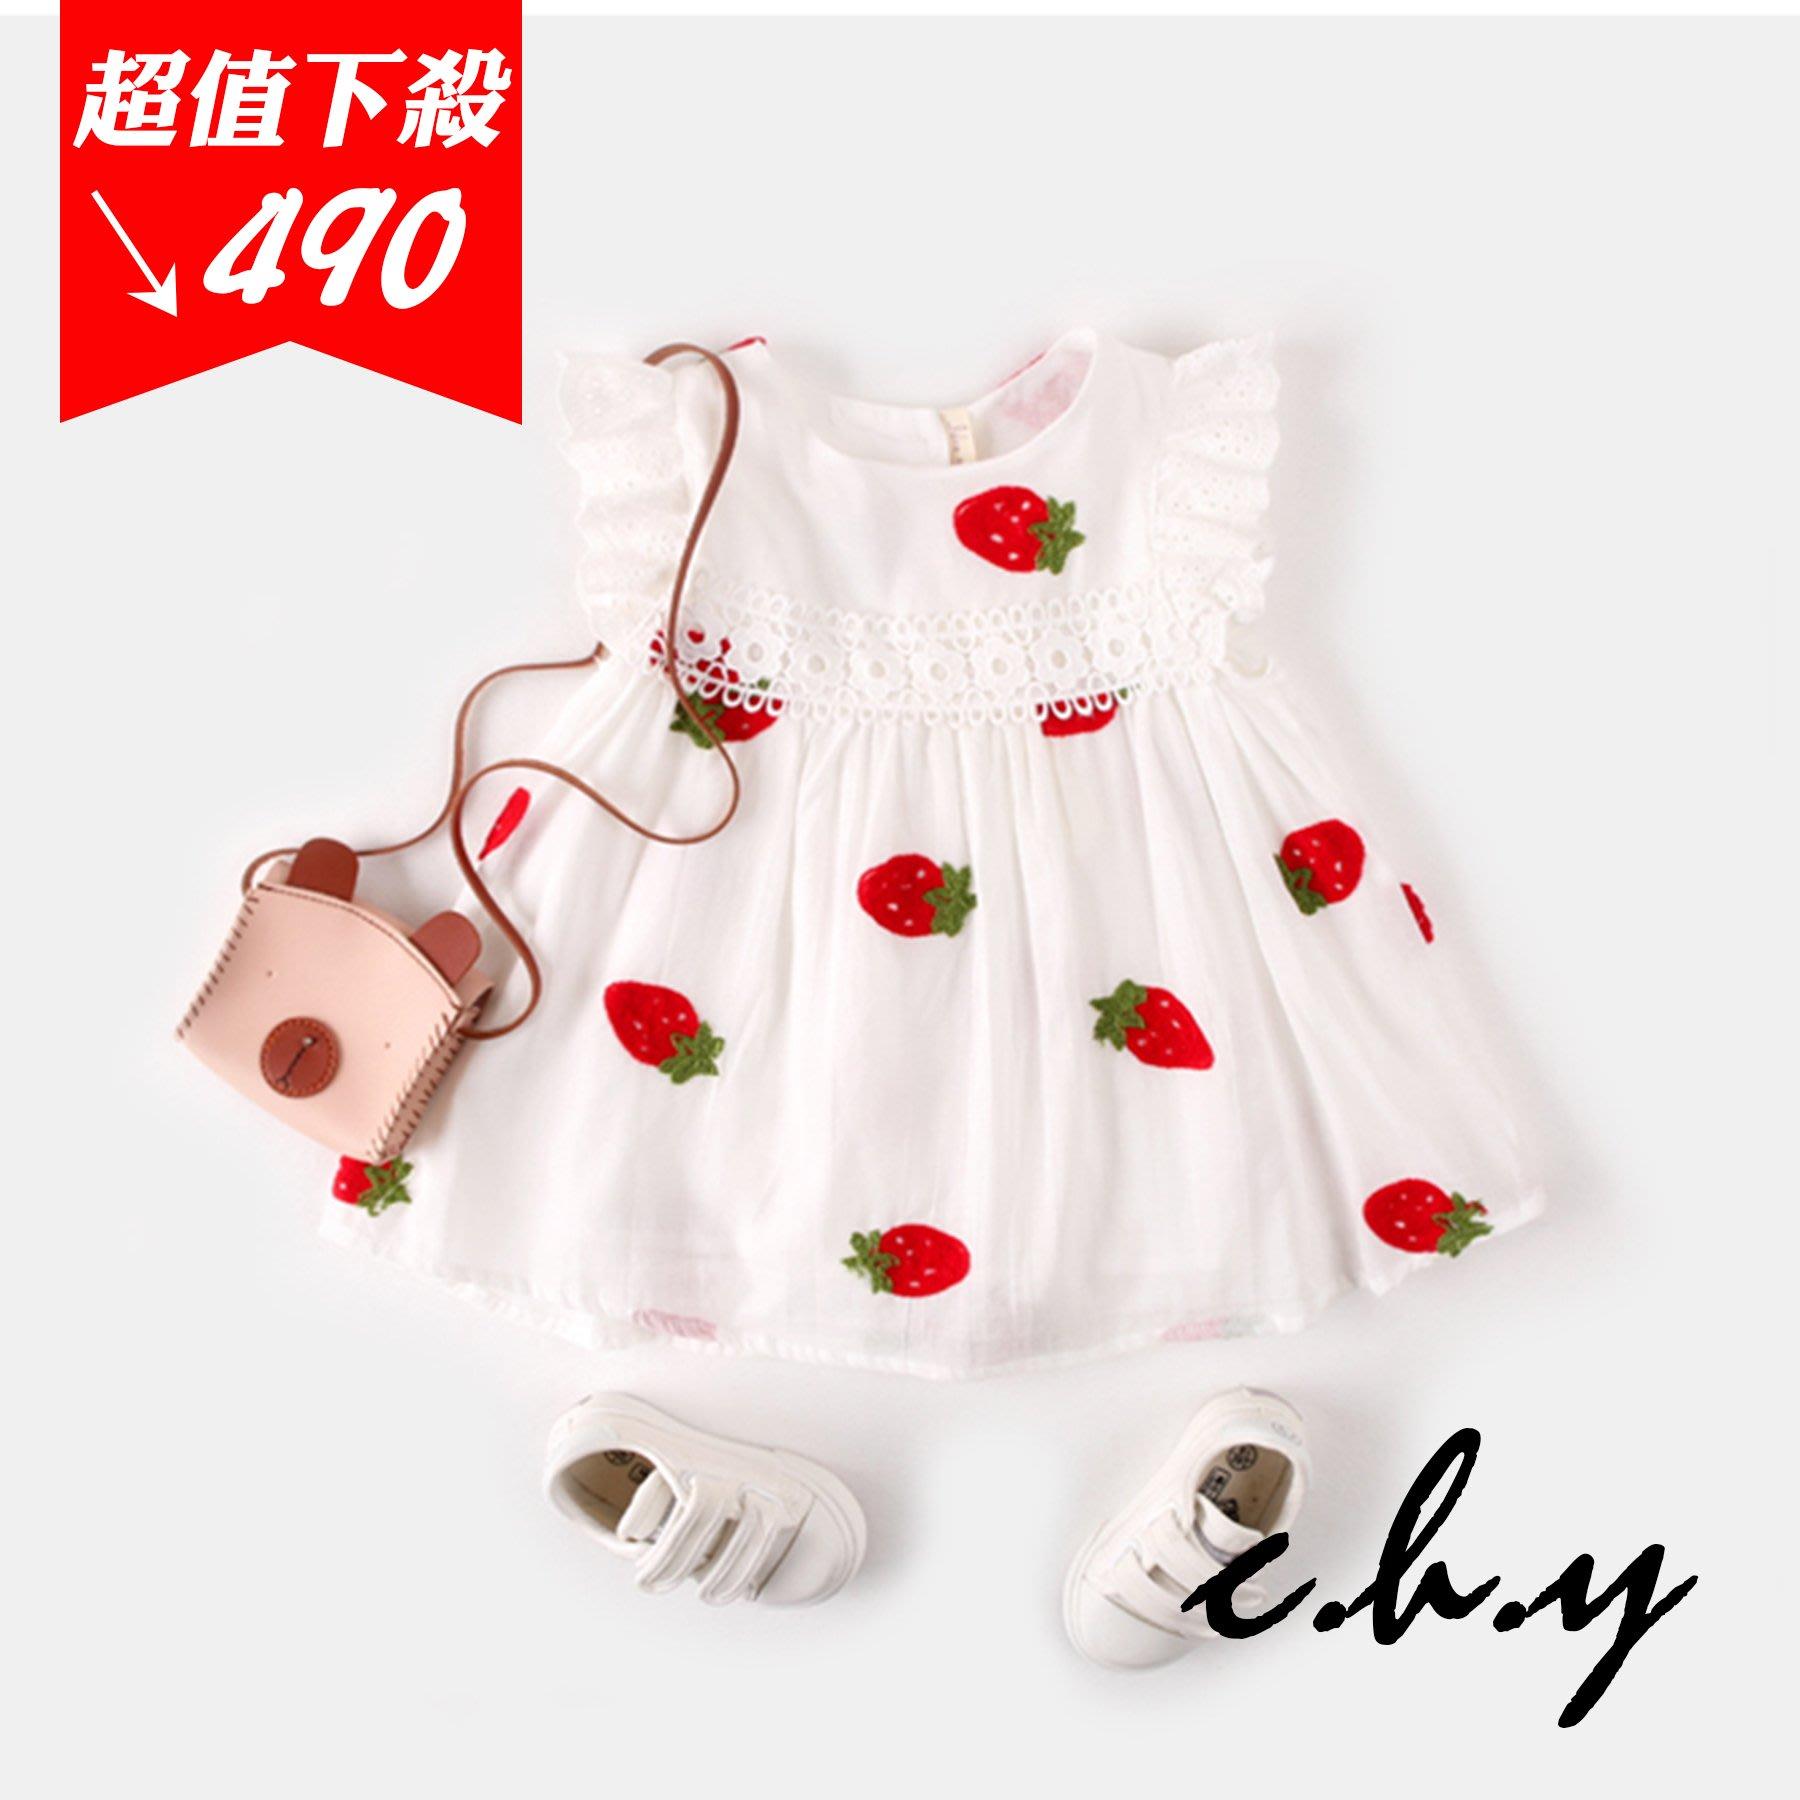 甜美賣萌可愛草莓蕾絲短袖嬰幼兒女童裝連衣裙寶寶舒適背心裙洋裝-73CM-110CM-20107009